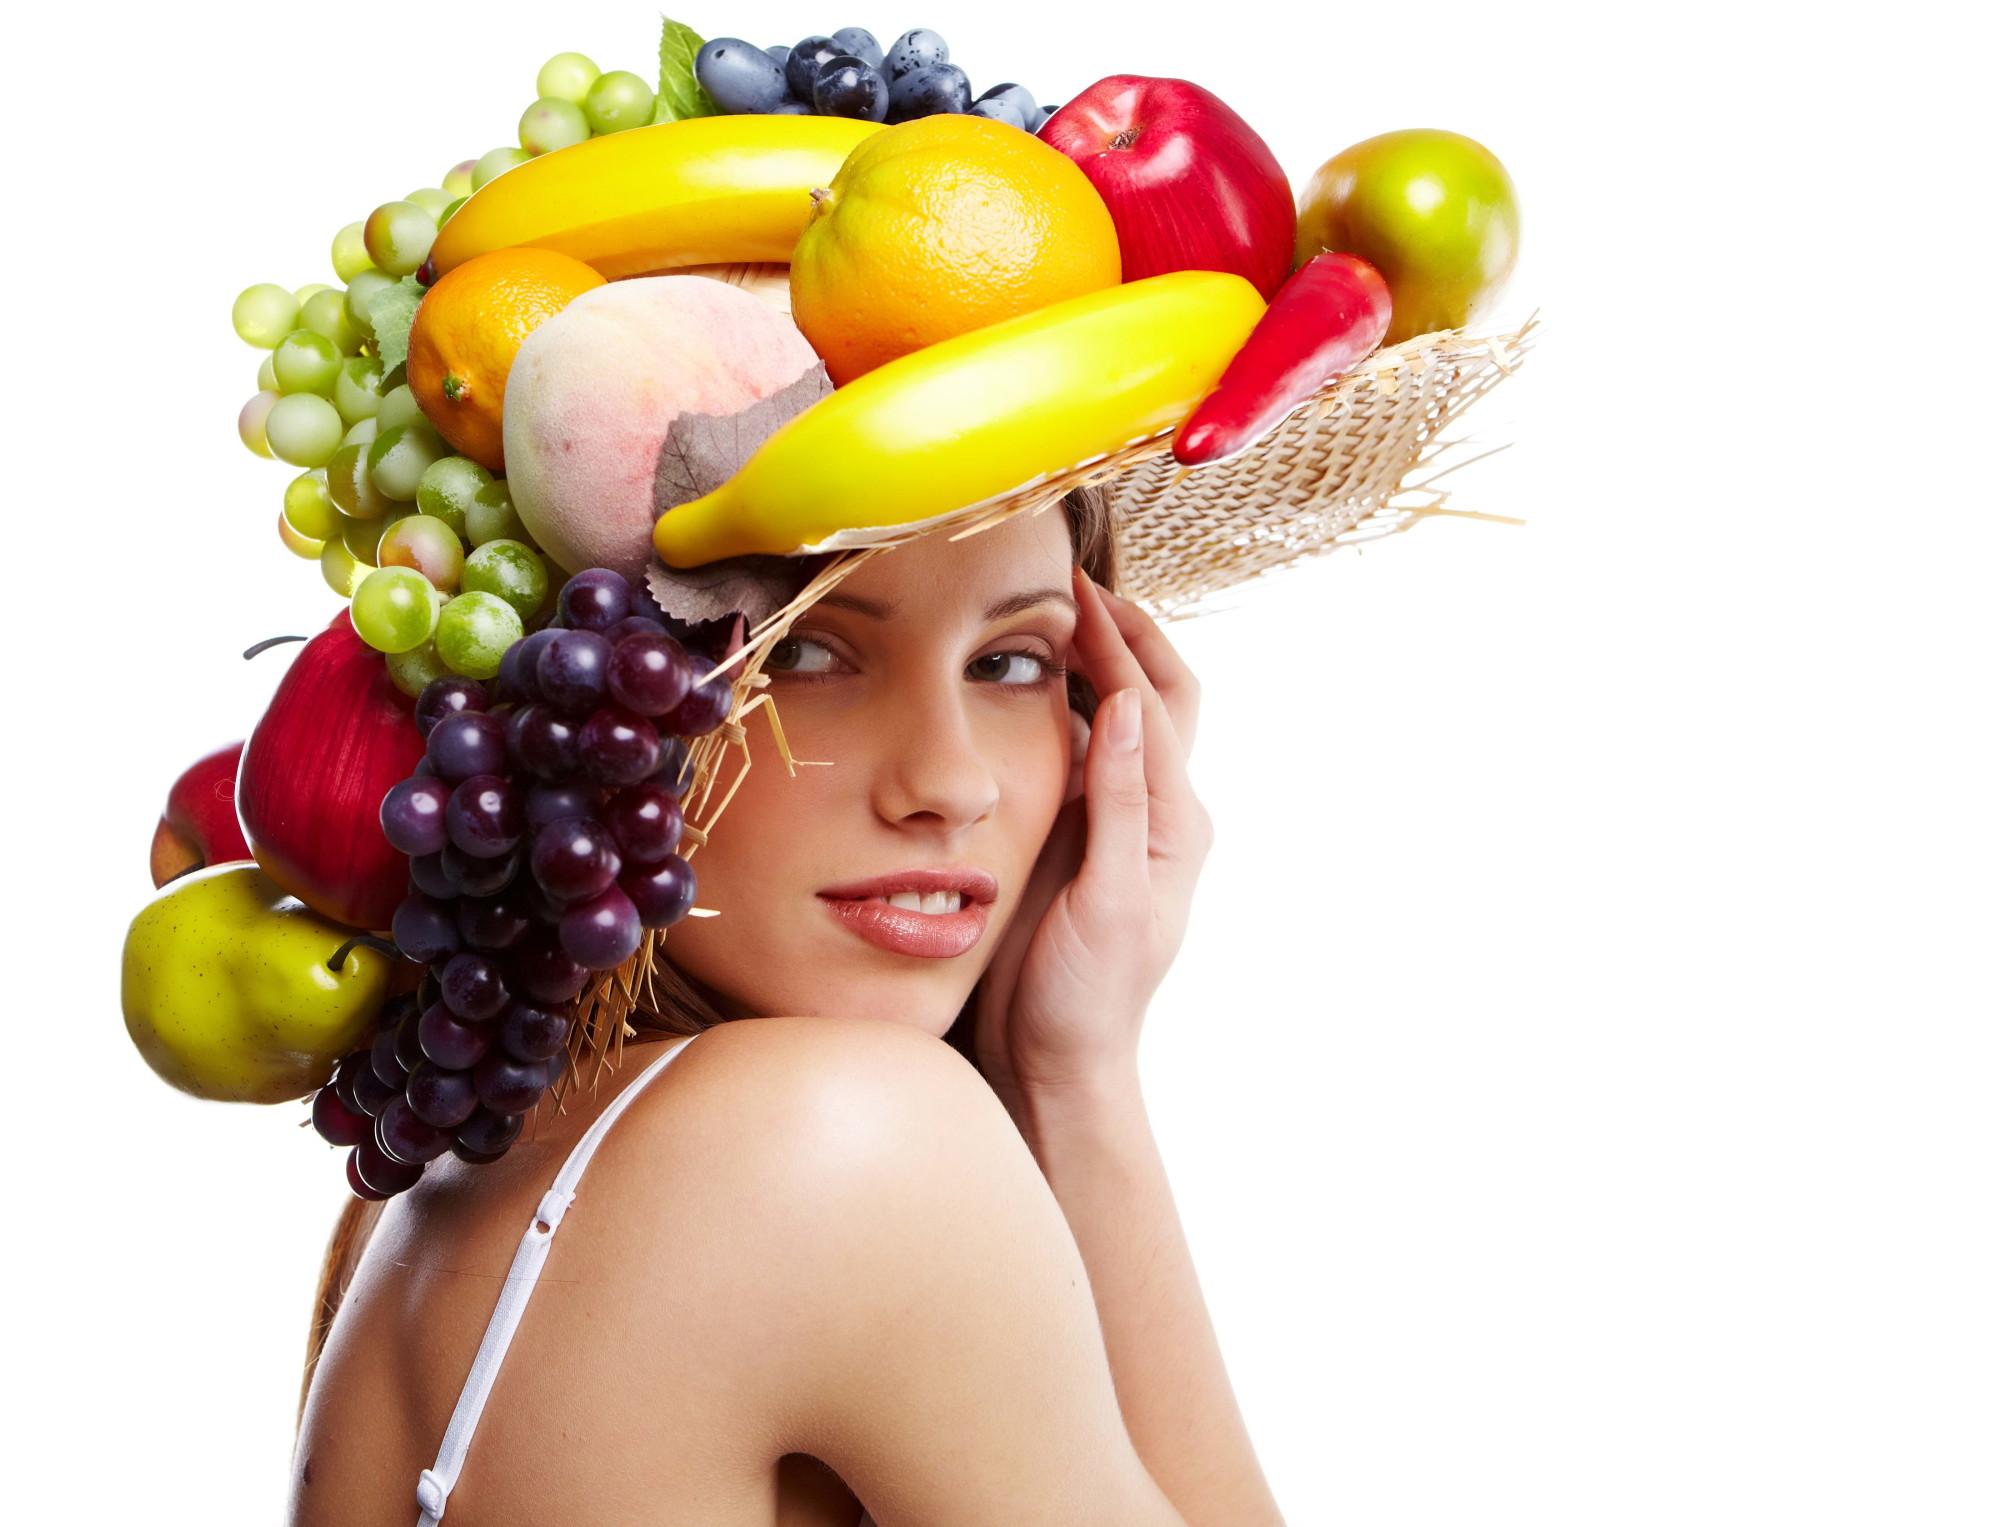 белковые продукты для похудения список для мужчин